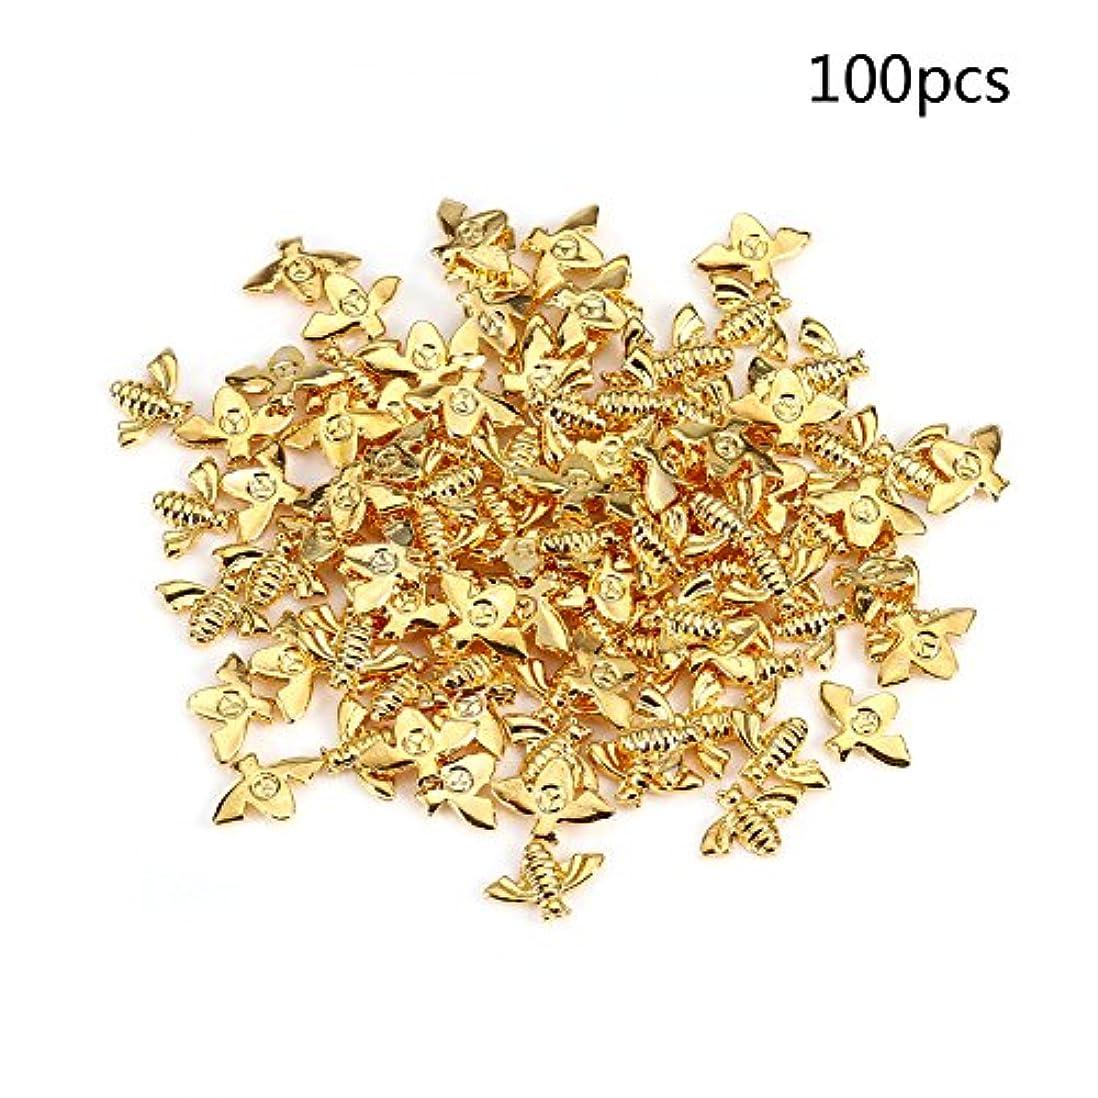 キャメルストレスの多い追い付く100pcs/Bag 3Dネイルデコレーション、メタルミツバチゴールドシルバーネイルデカールマニキュア(ゴールド)